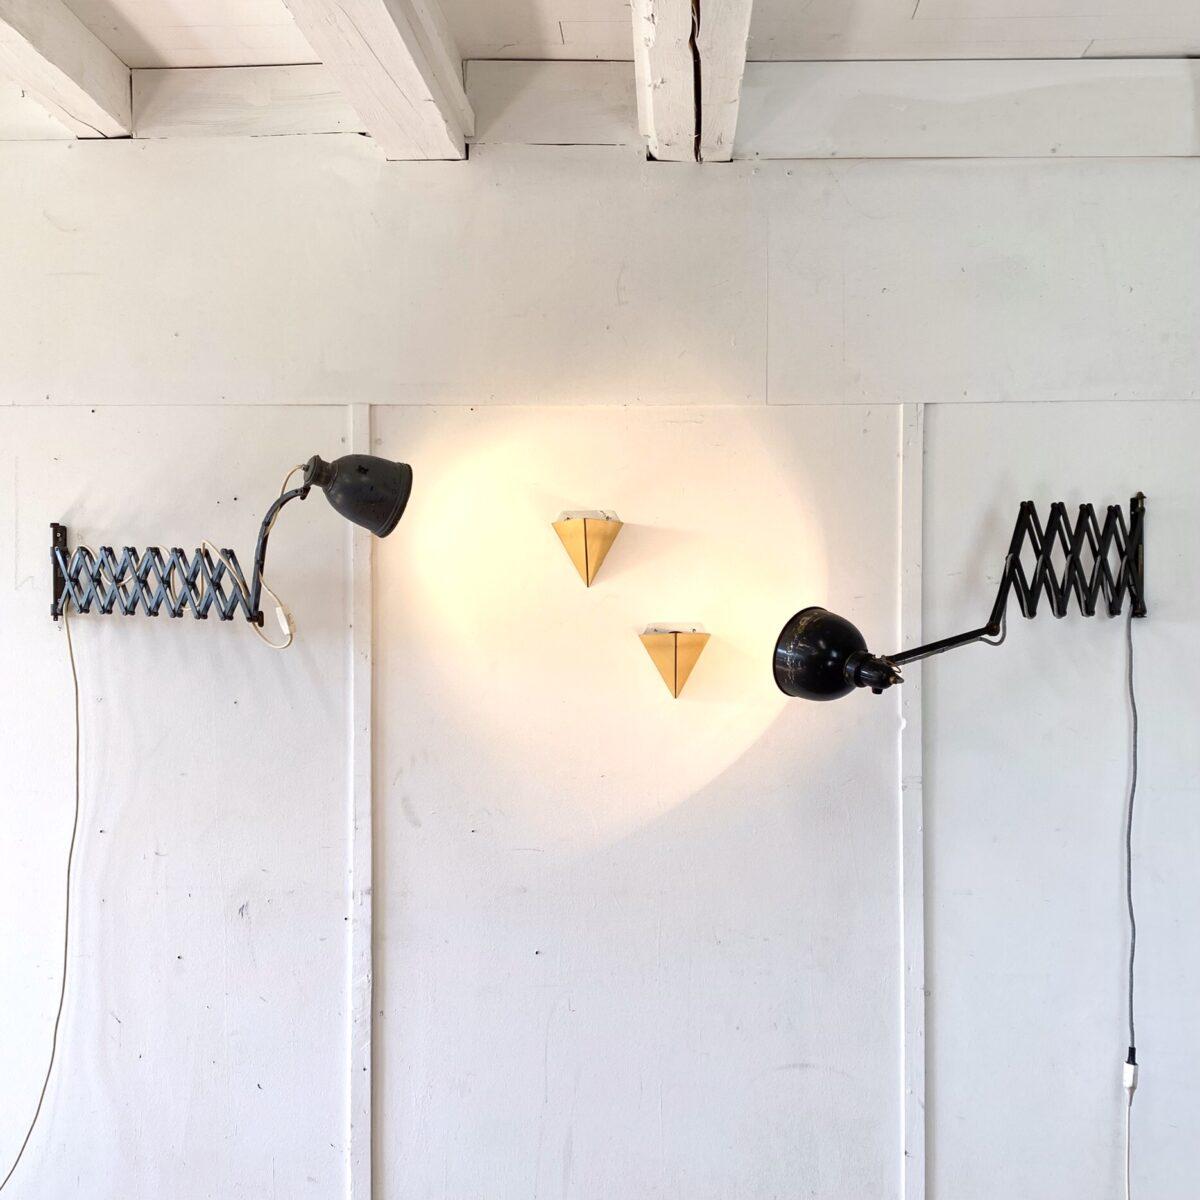 Deuxieme.shop midcentury Messing Wall Lamp. Alfred Müller Belmag swissdesign scherenlampe Industrial designklassiker. Zwei kleine Messing Wandleuchten von J.T Kalmar aus den 60er Jahren. Höhe 18cm Breite 16cm Tiefe 11cm. Preis für Beide. Die Scherenlampen kosten 300.- pro Stück. Beide lassen sich bis 150cm ausziehen. Die Lampen sind getestet und funktionieren.